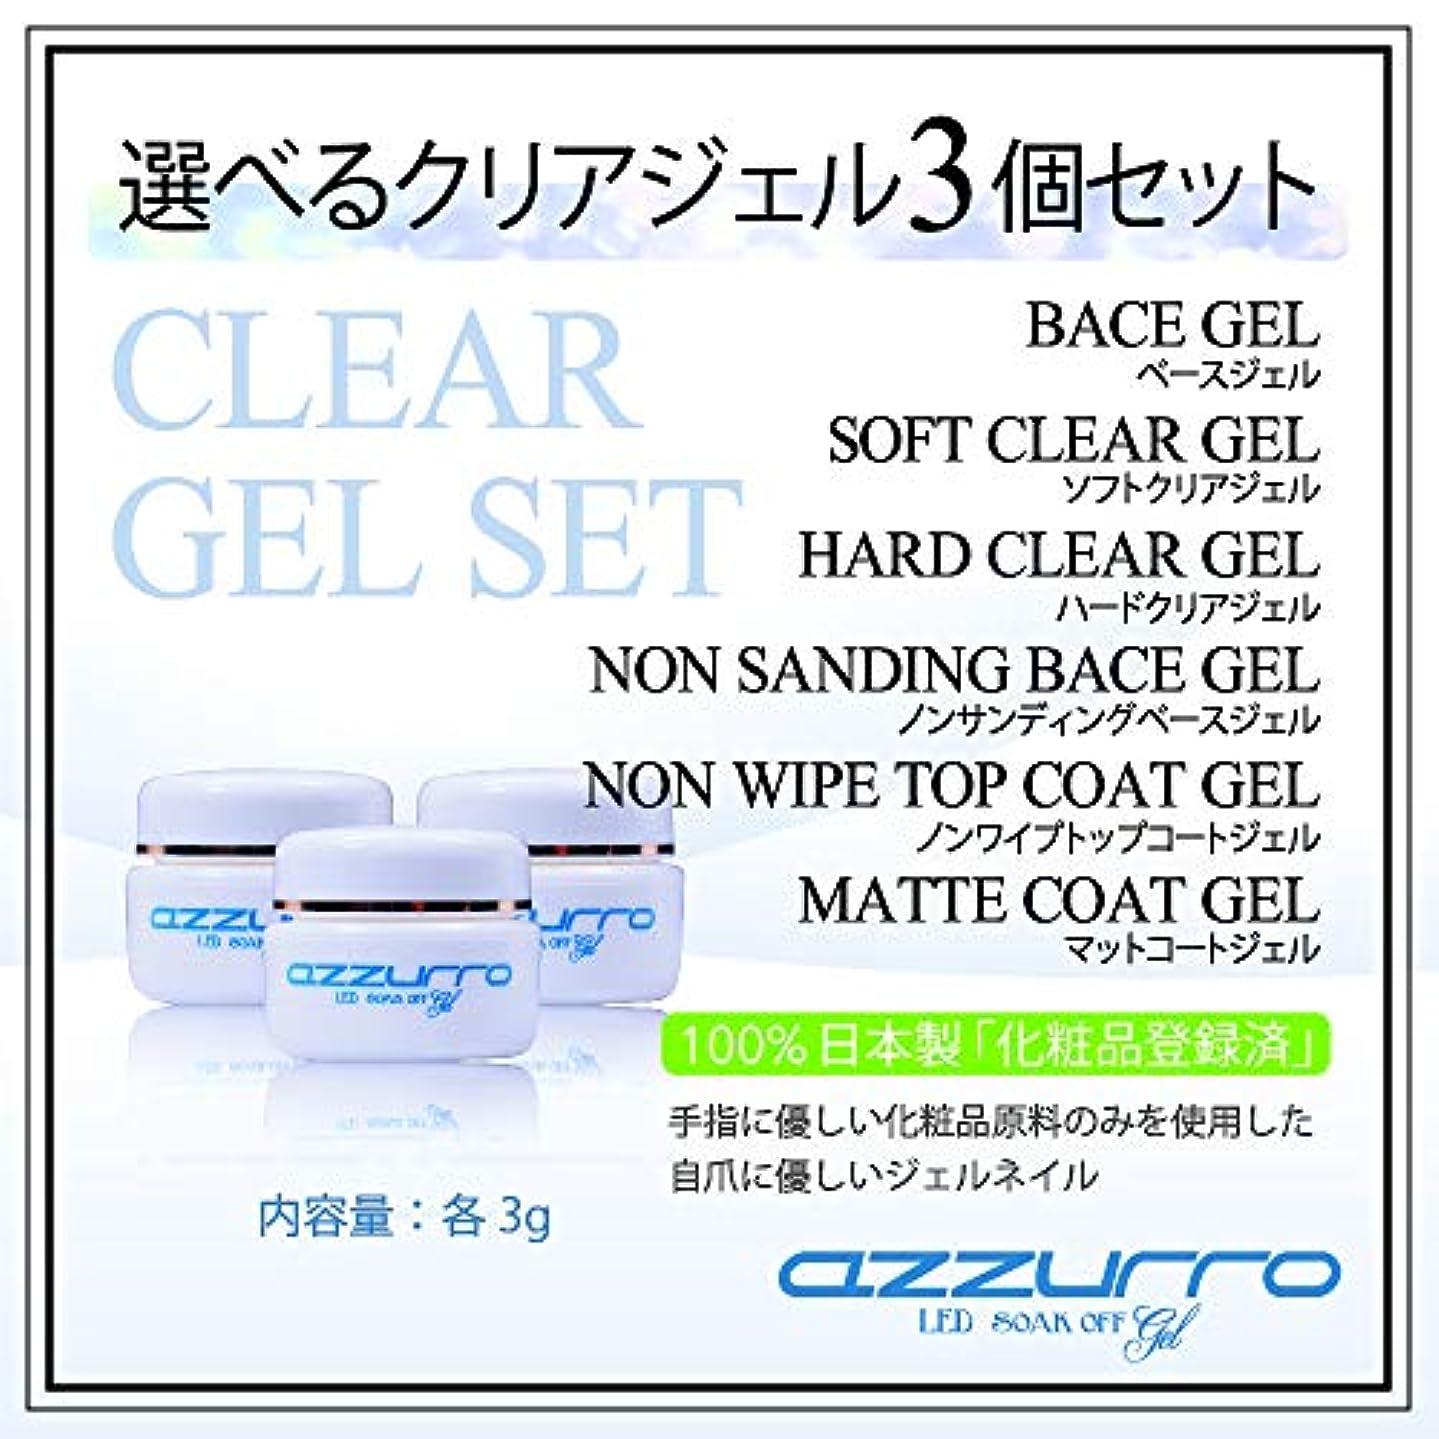 浸透する追い出す試してみるazzurro gel アッズーロ選べるクリアージェル お得な3個セット